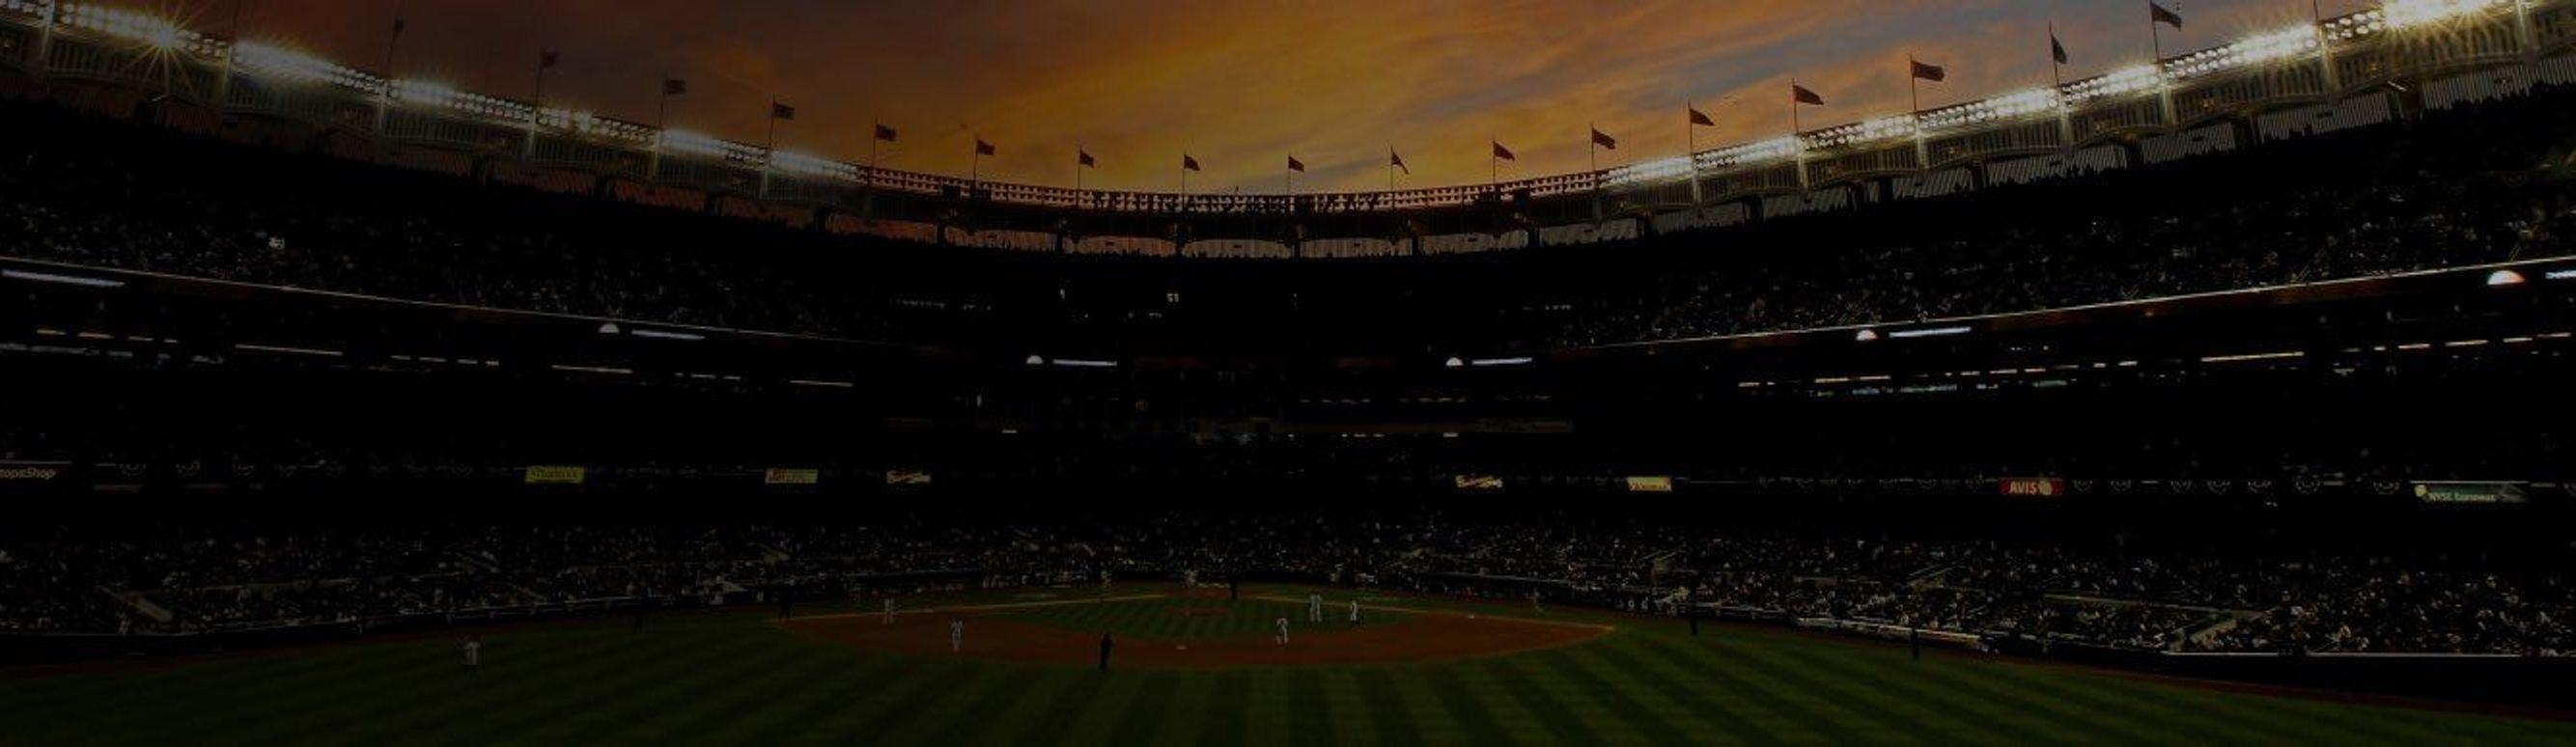 Yankee Stadium at sunset